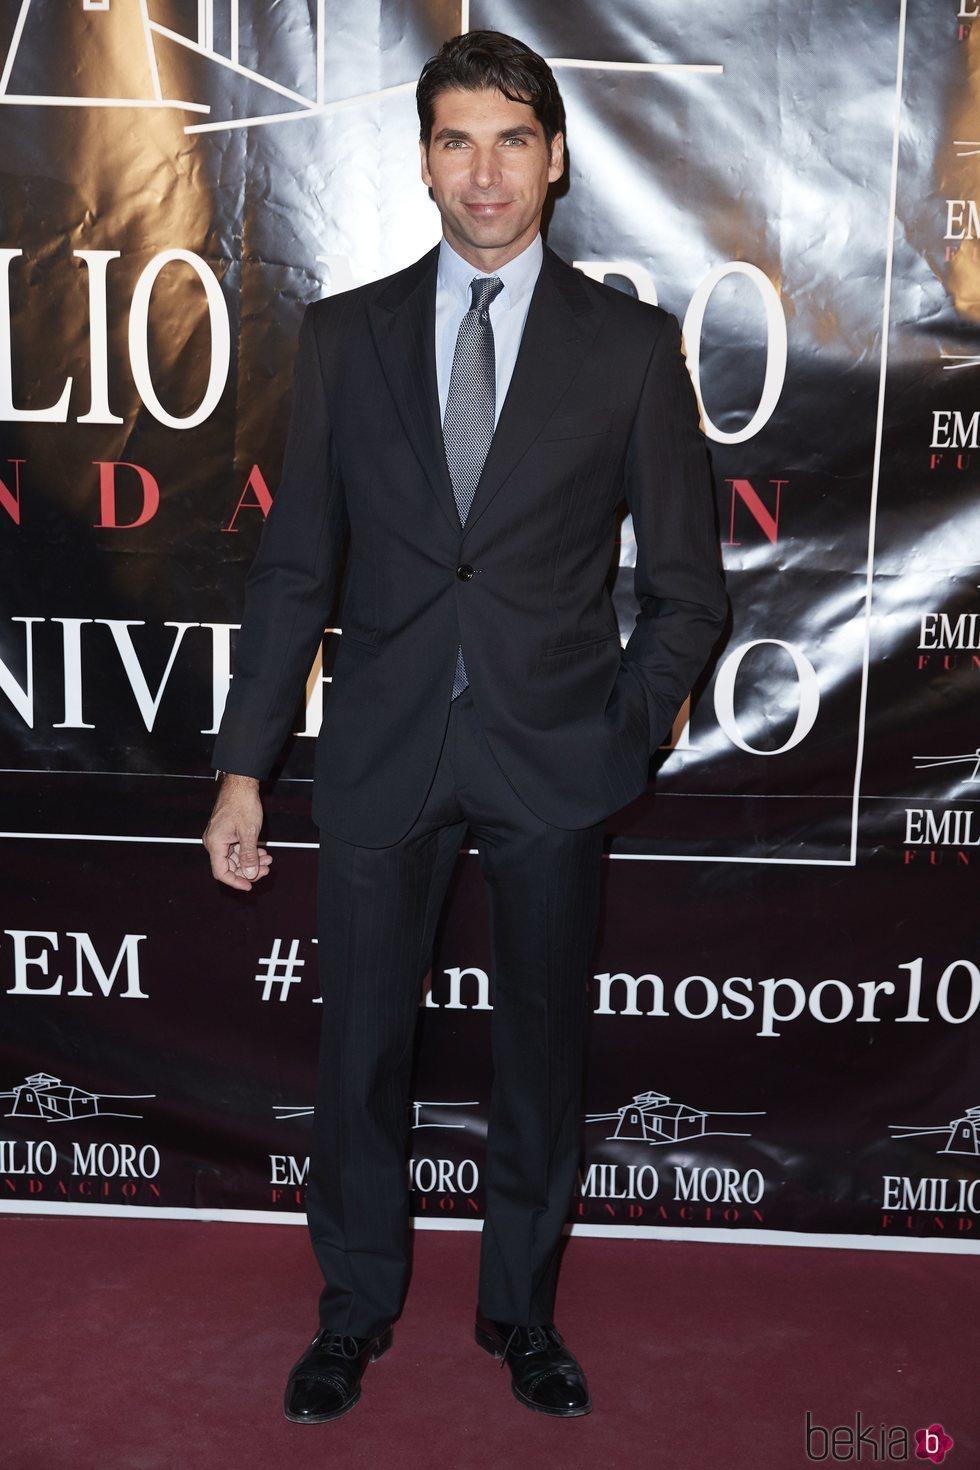 Cayetano Rivera en la fiesta del décimo aniversario de la Fundación Emilio Moro